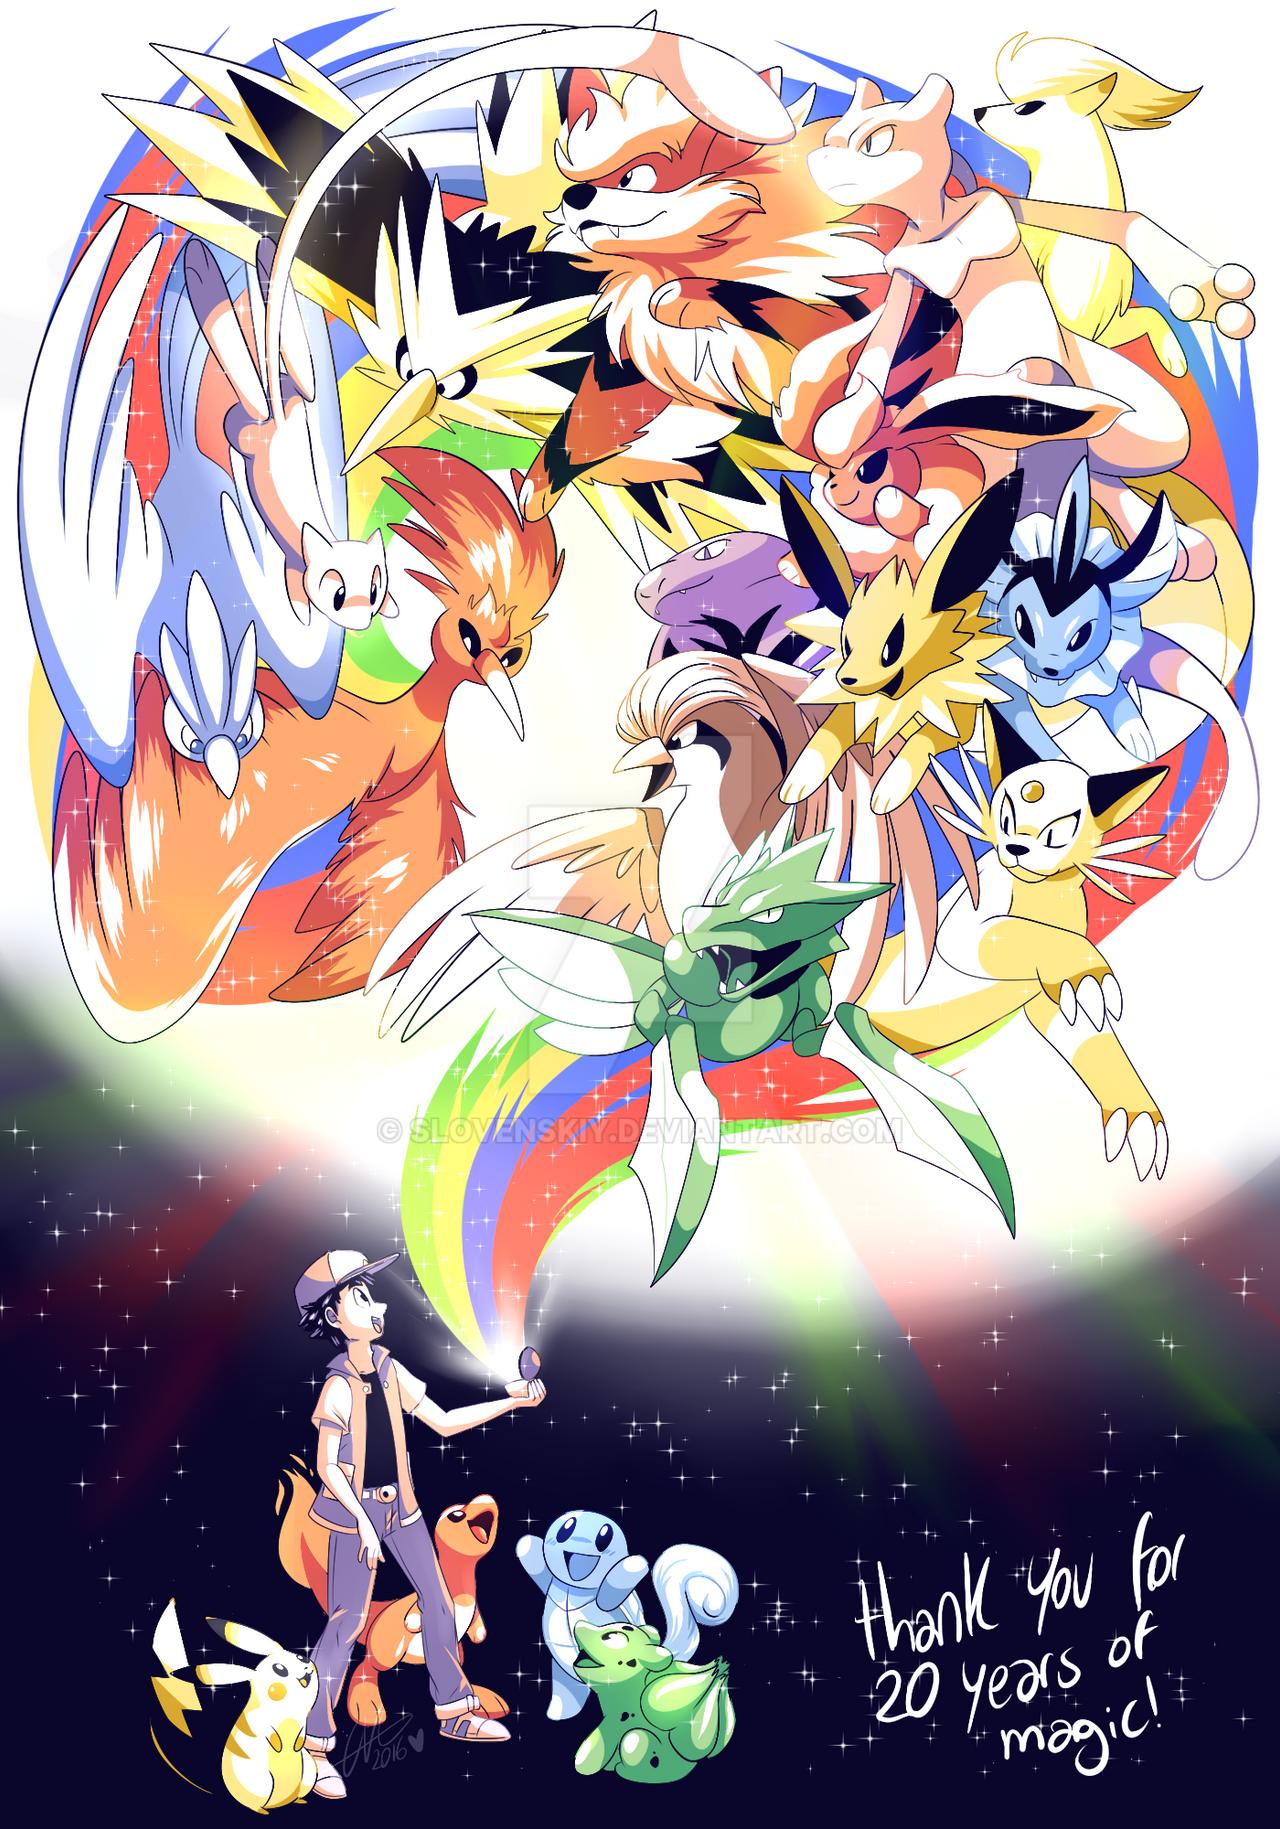 20 Years Of Pokemon By Slovenskiy